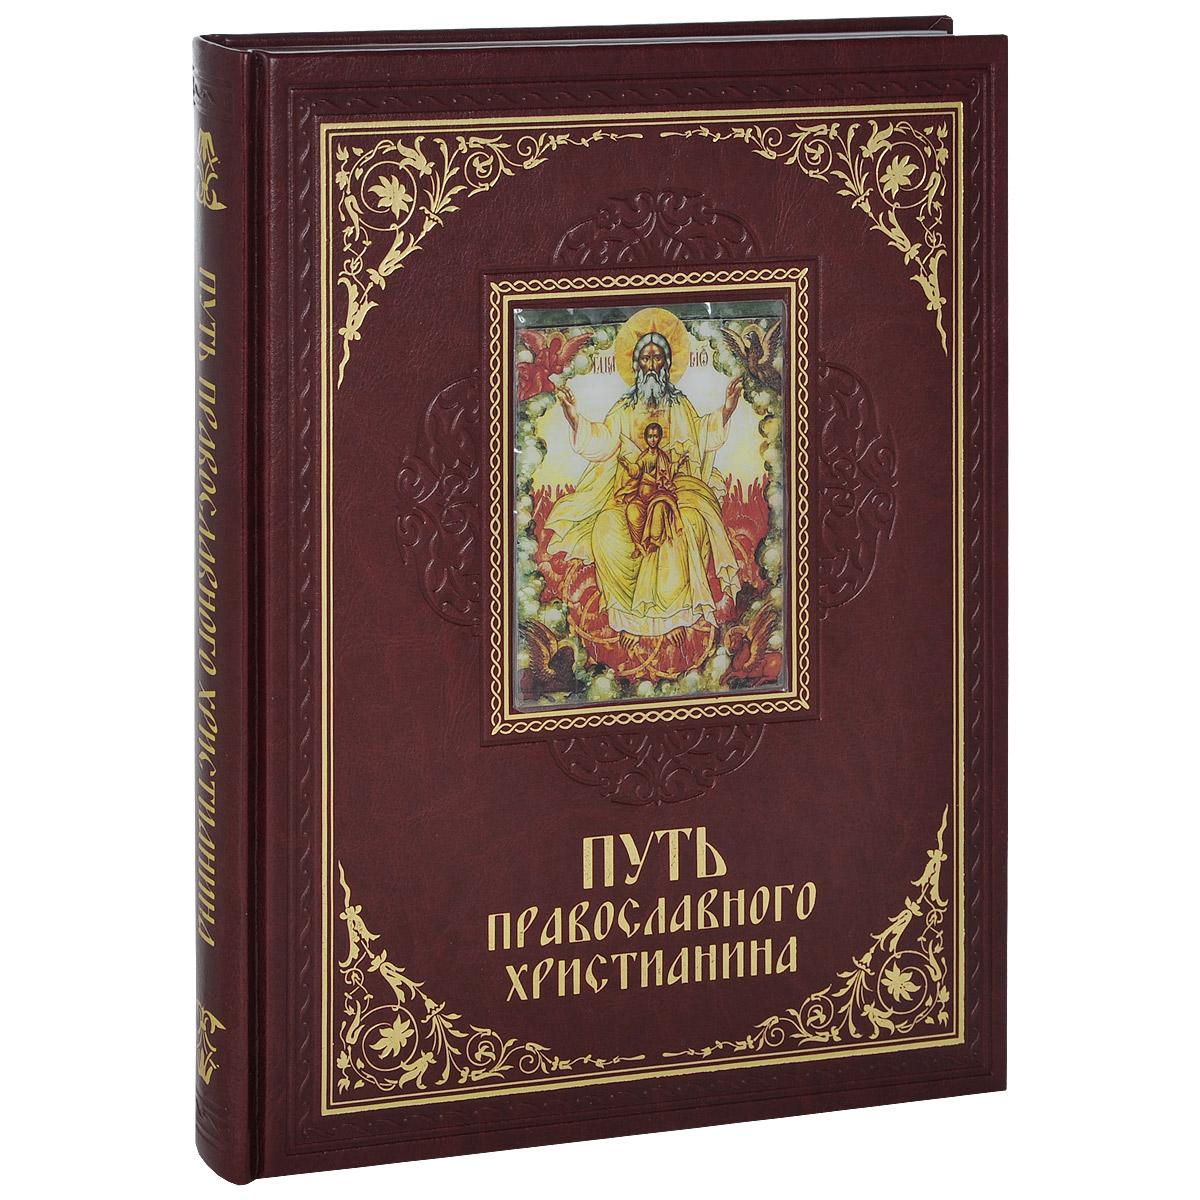 Елена Прокофьева Путь православного христианина (подарочное издание)